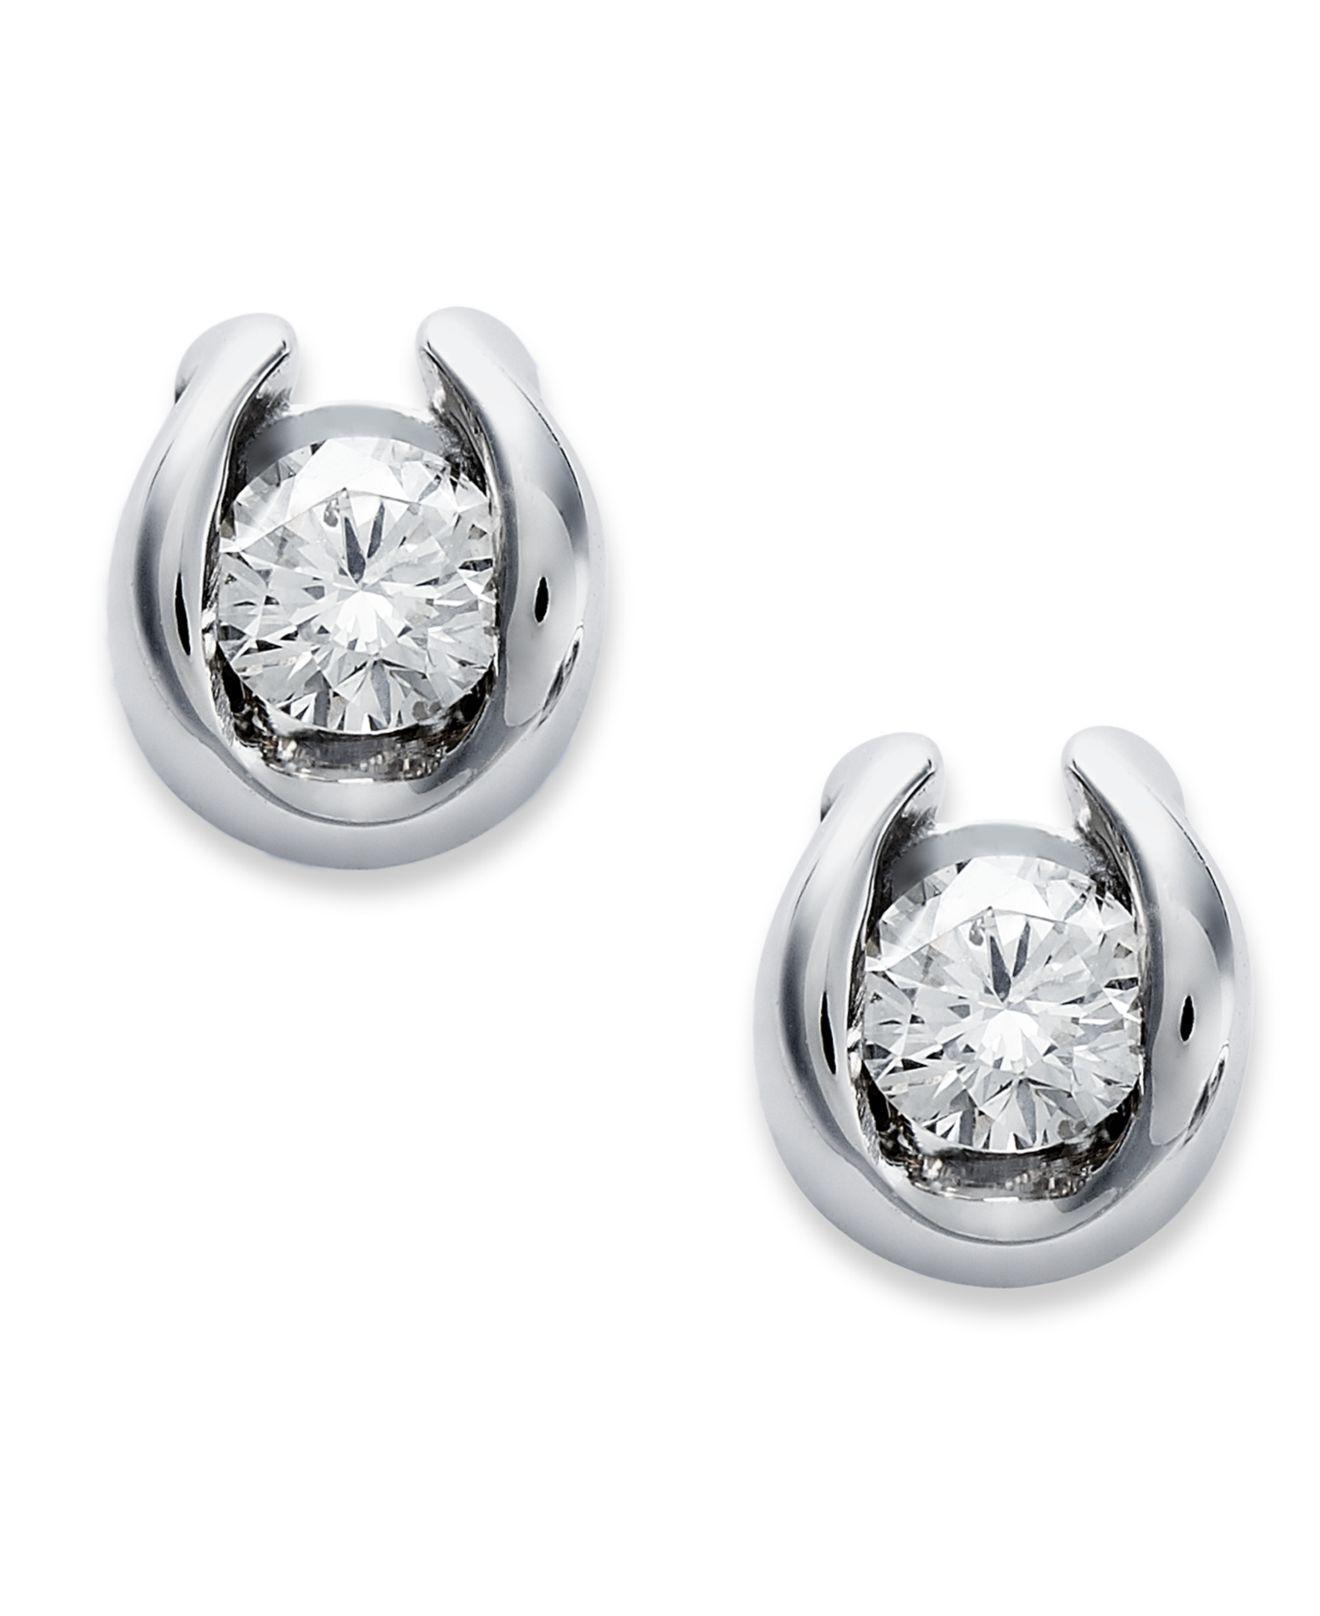 83c284202d1be Macy s - Bezel-set Diamond Earrings In 14k White Gold (1 7 Ct. View  fullscreen